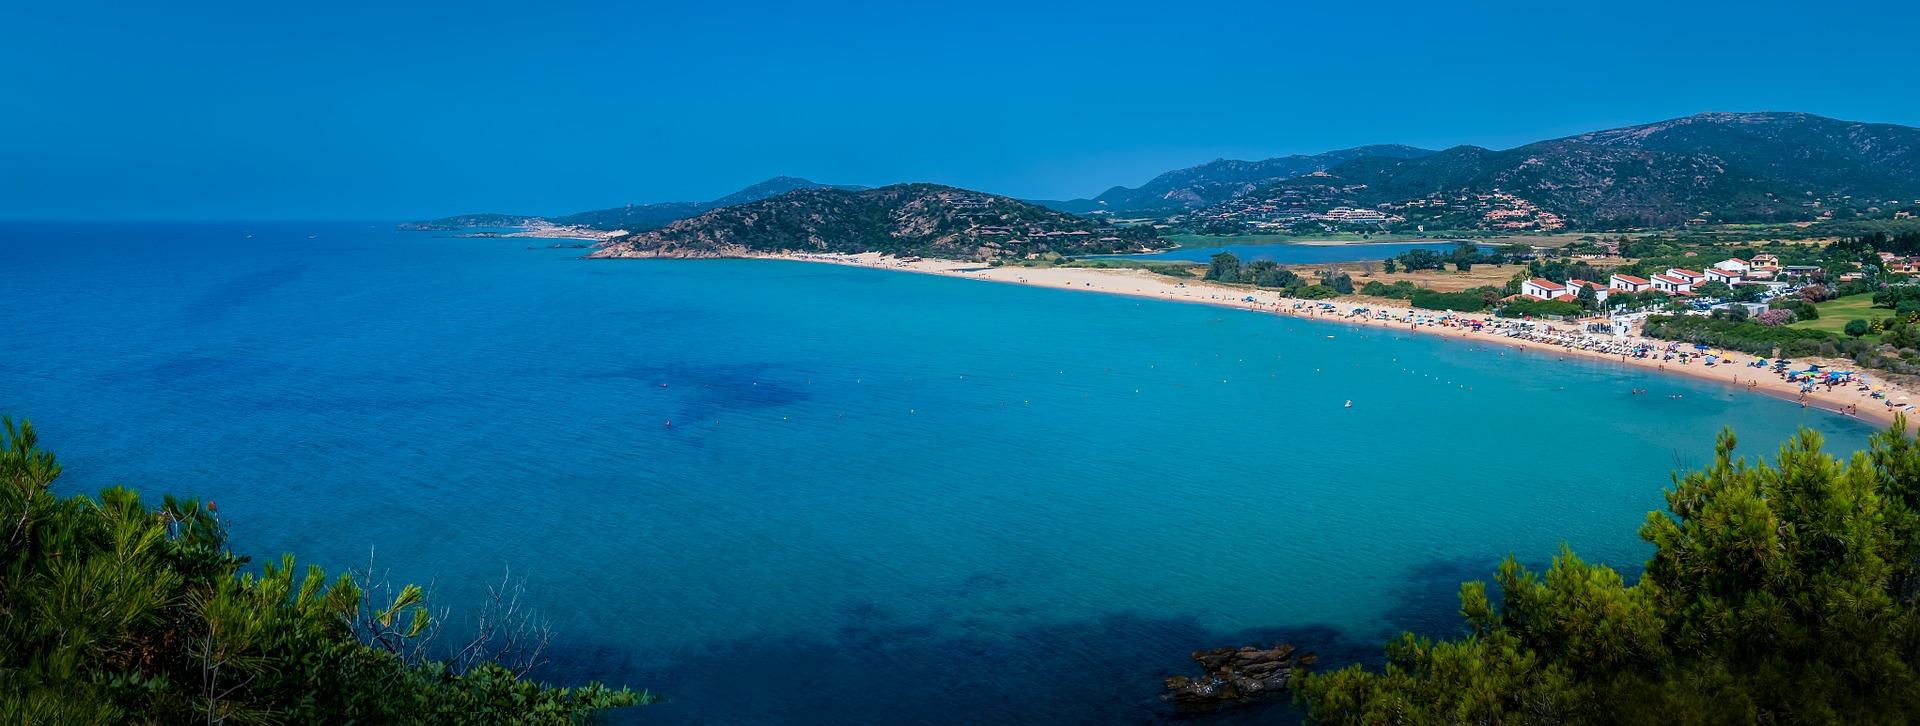 Ferien in Sardinien Buchen Flug & Unterkunft 5 Tage ab 50,83€